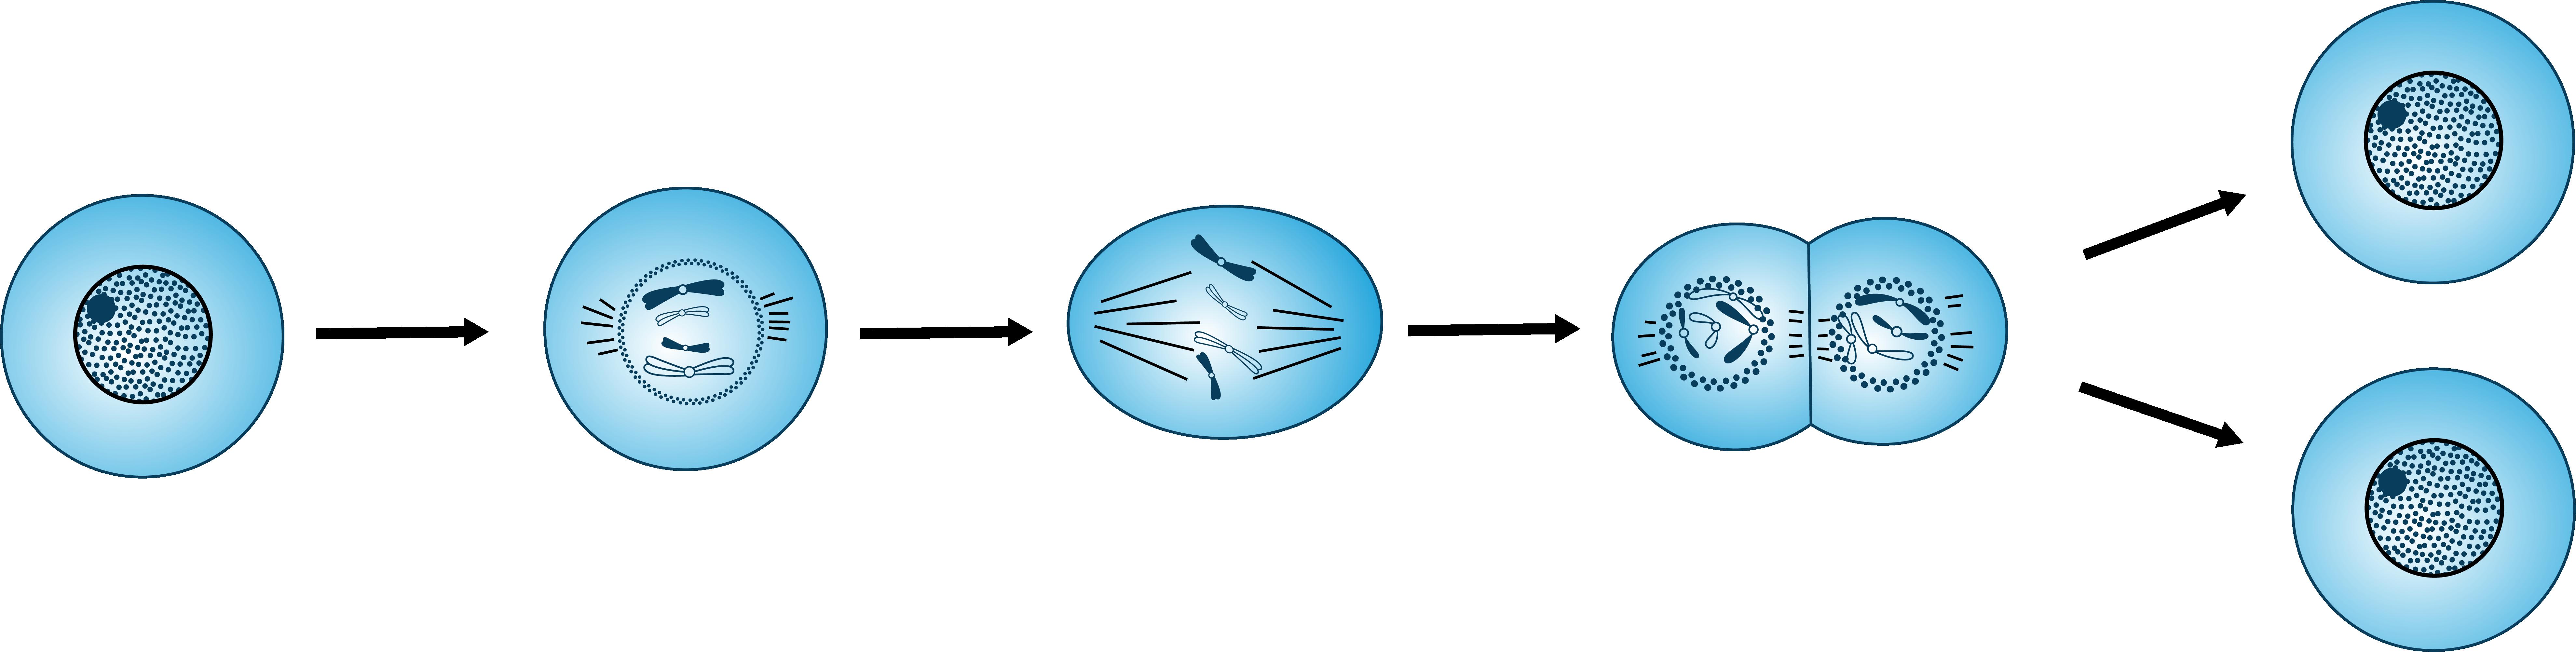 бактерии размножается простым делением